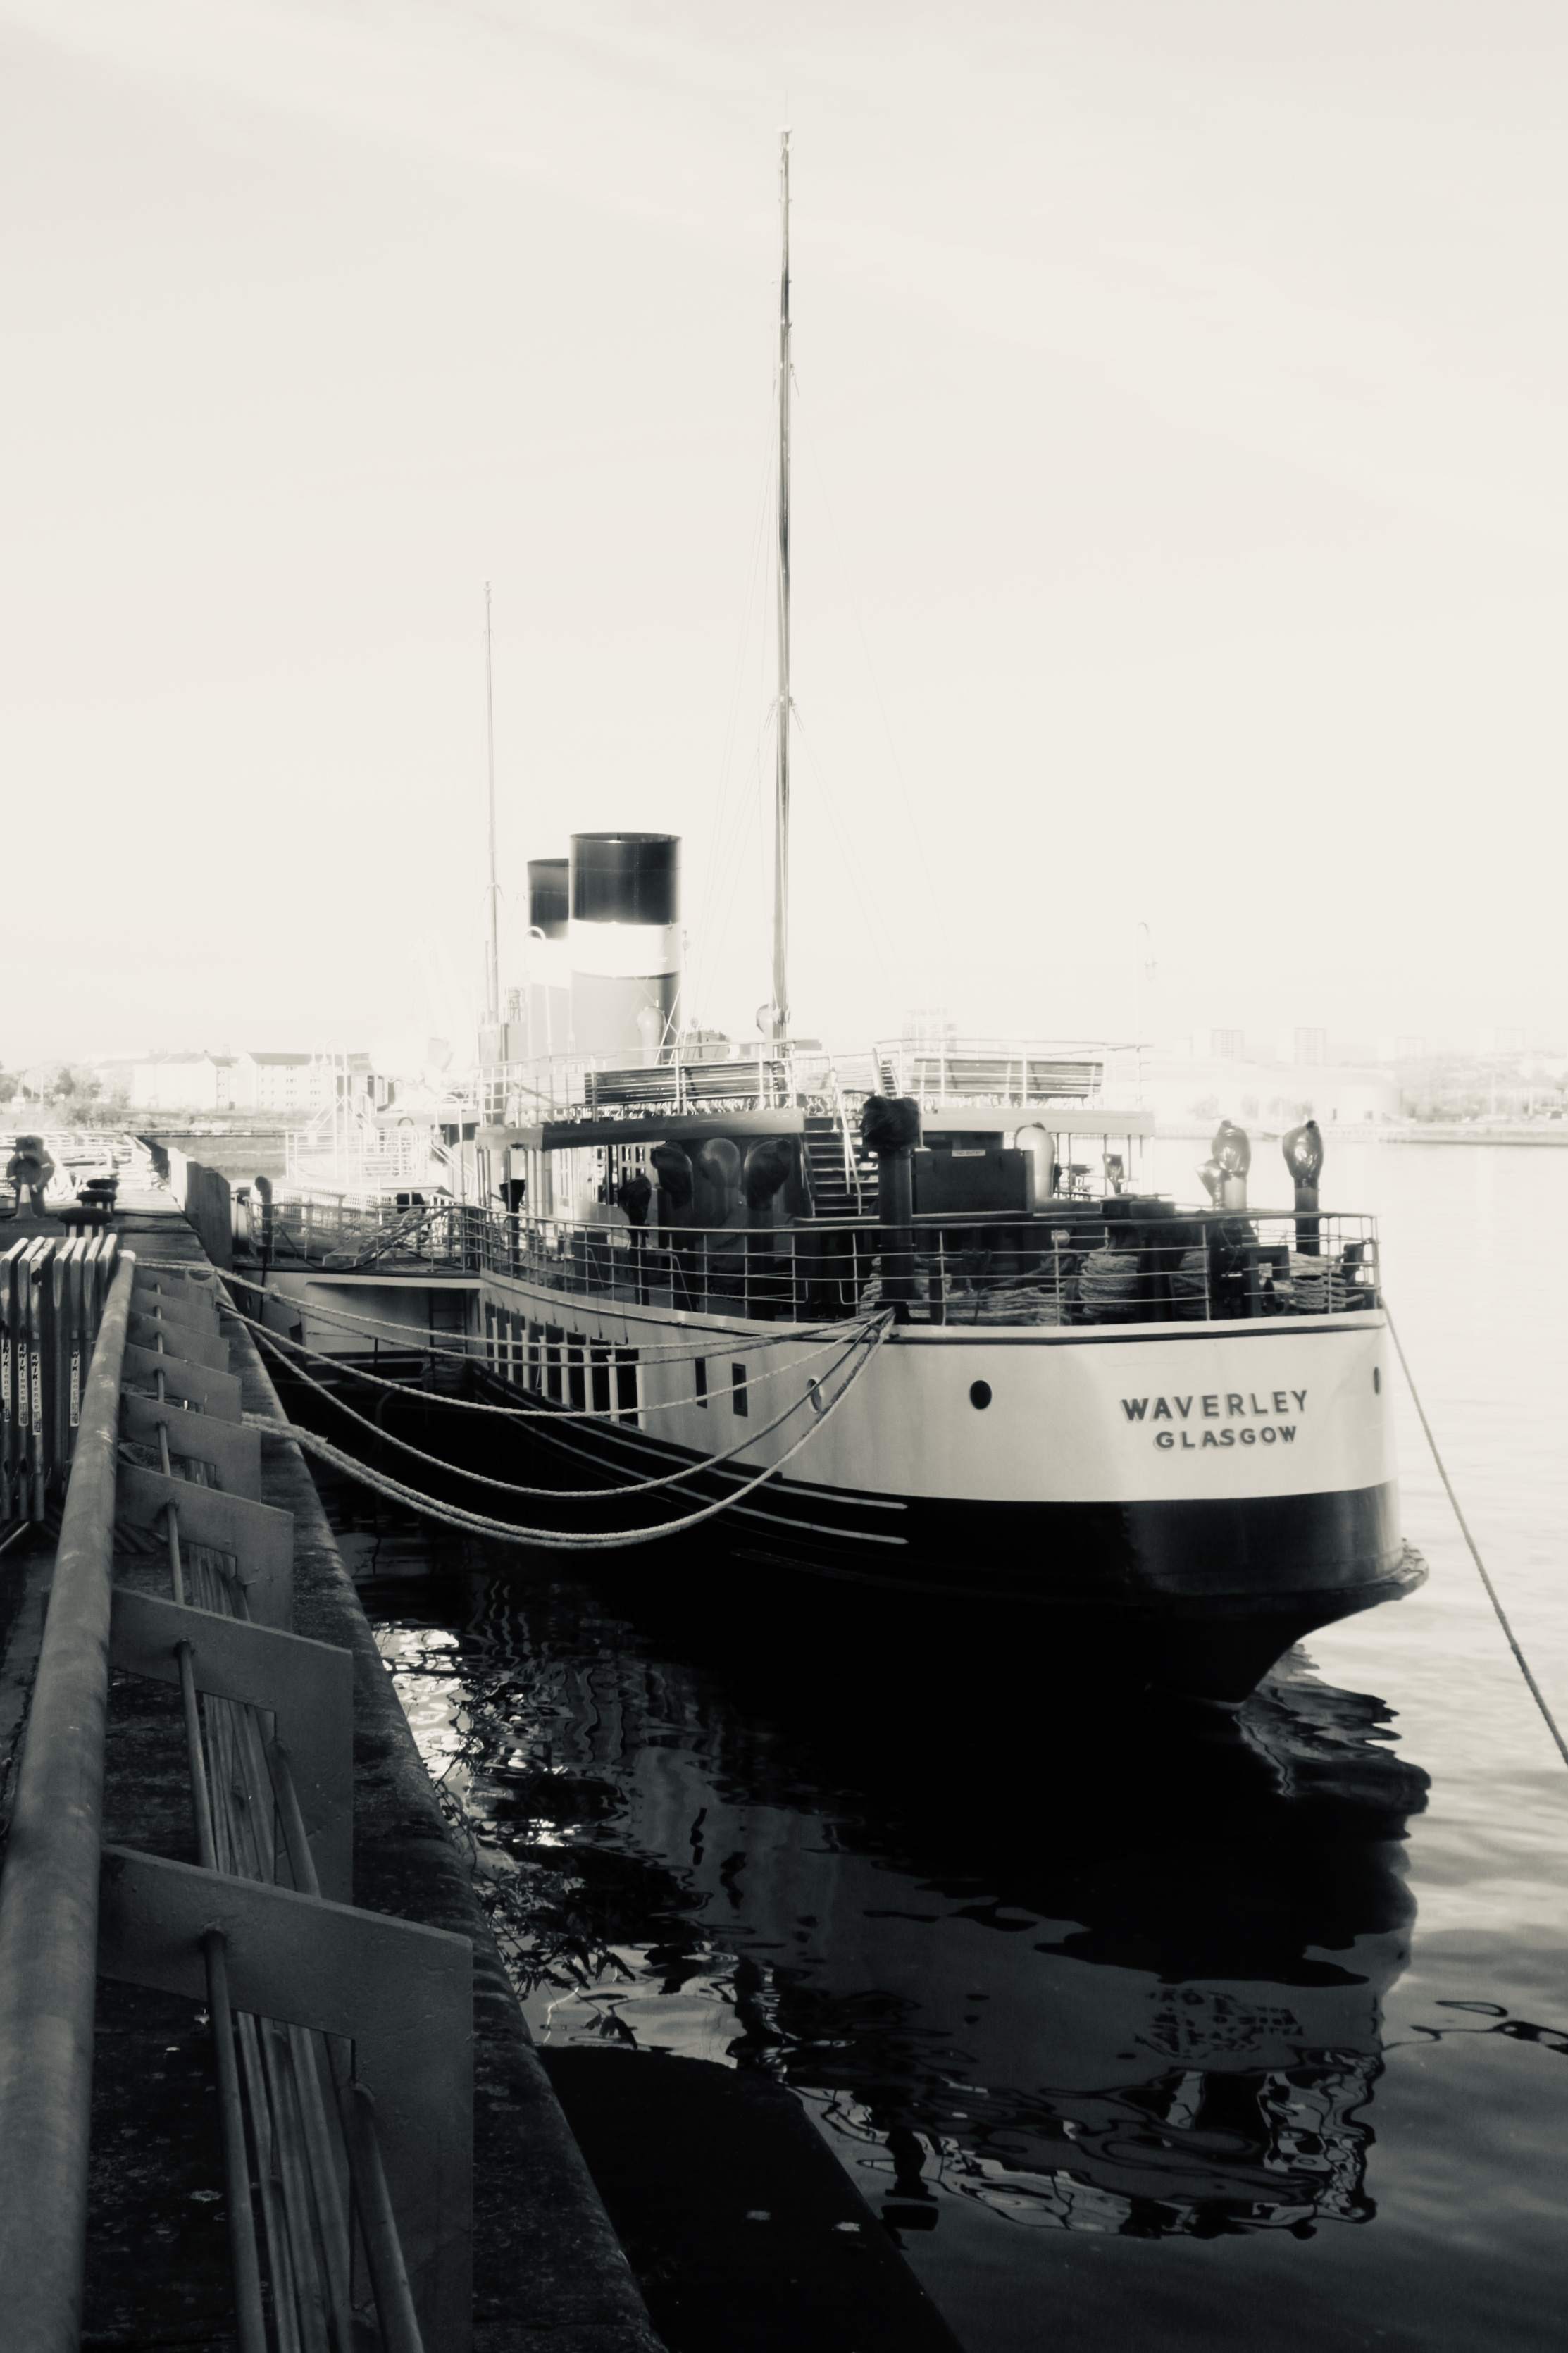 Waverley Paddle Steamer by Jez Braithwaite